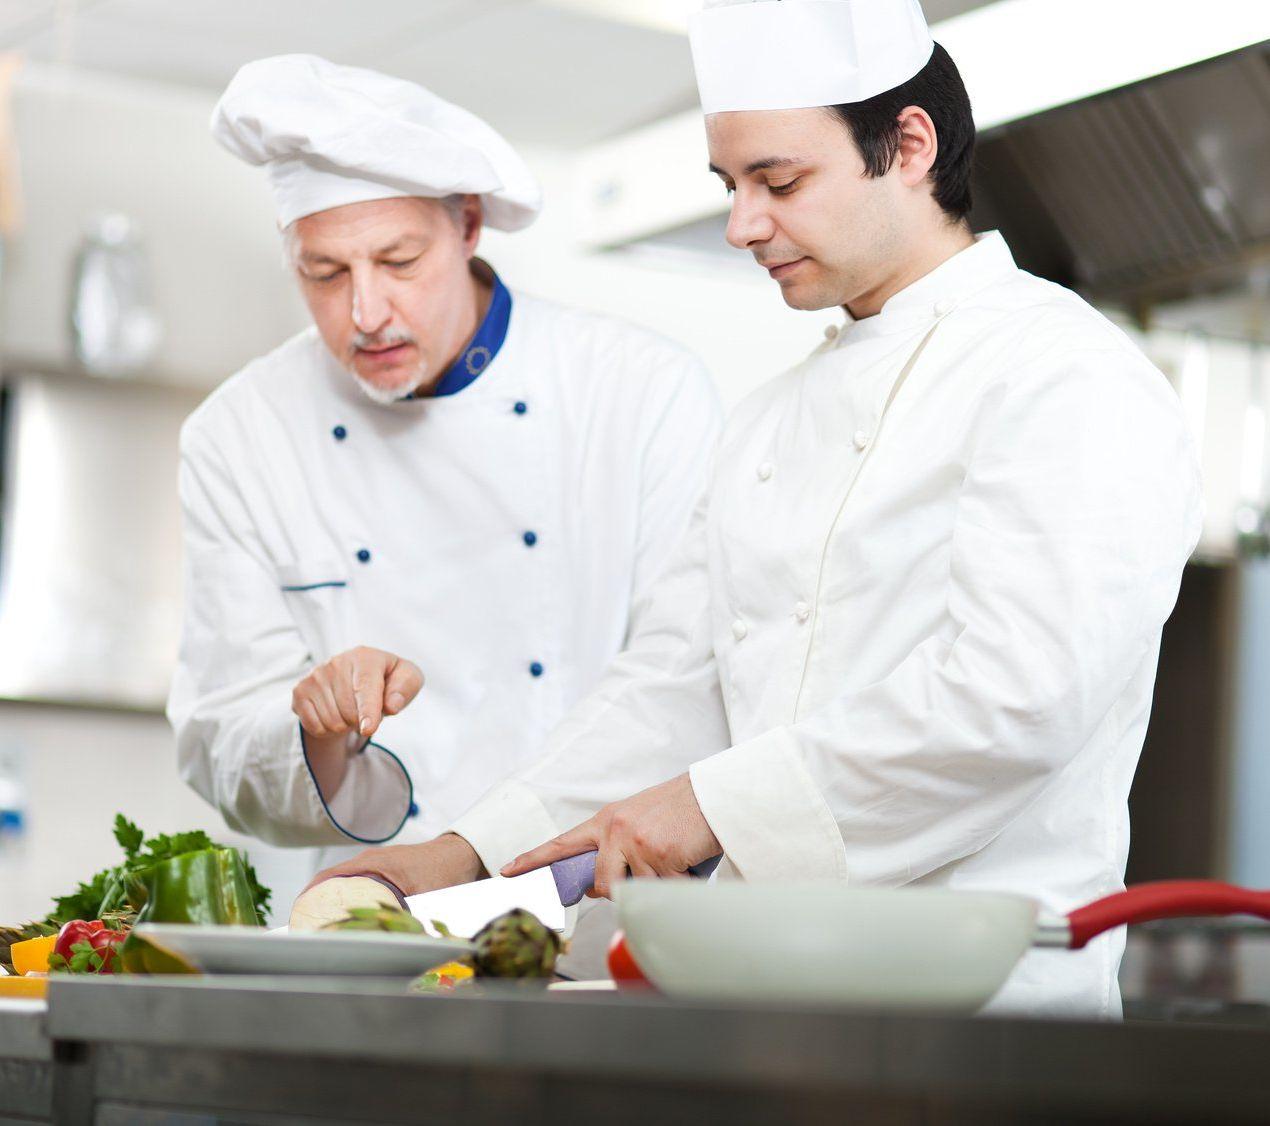 элементы для повар вакансии в москве длину промежутка